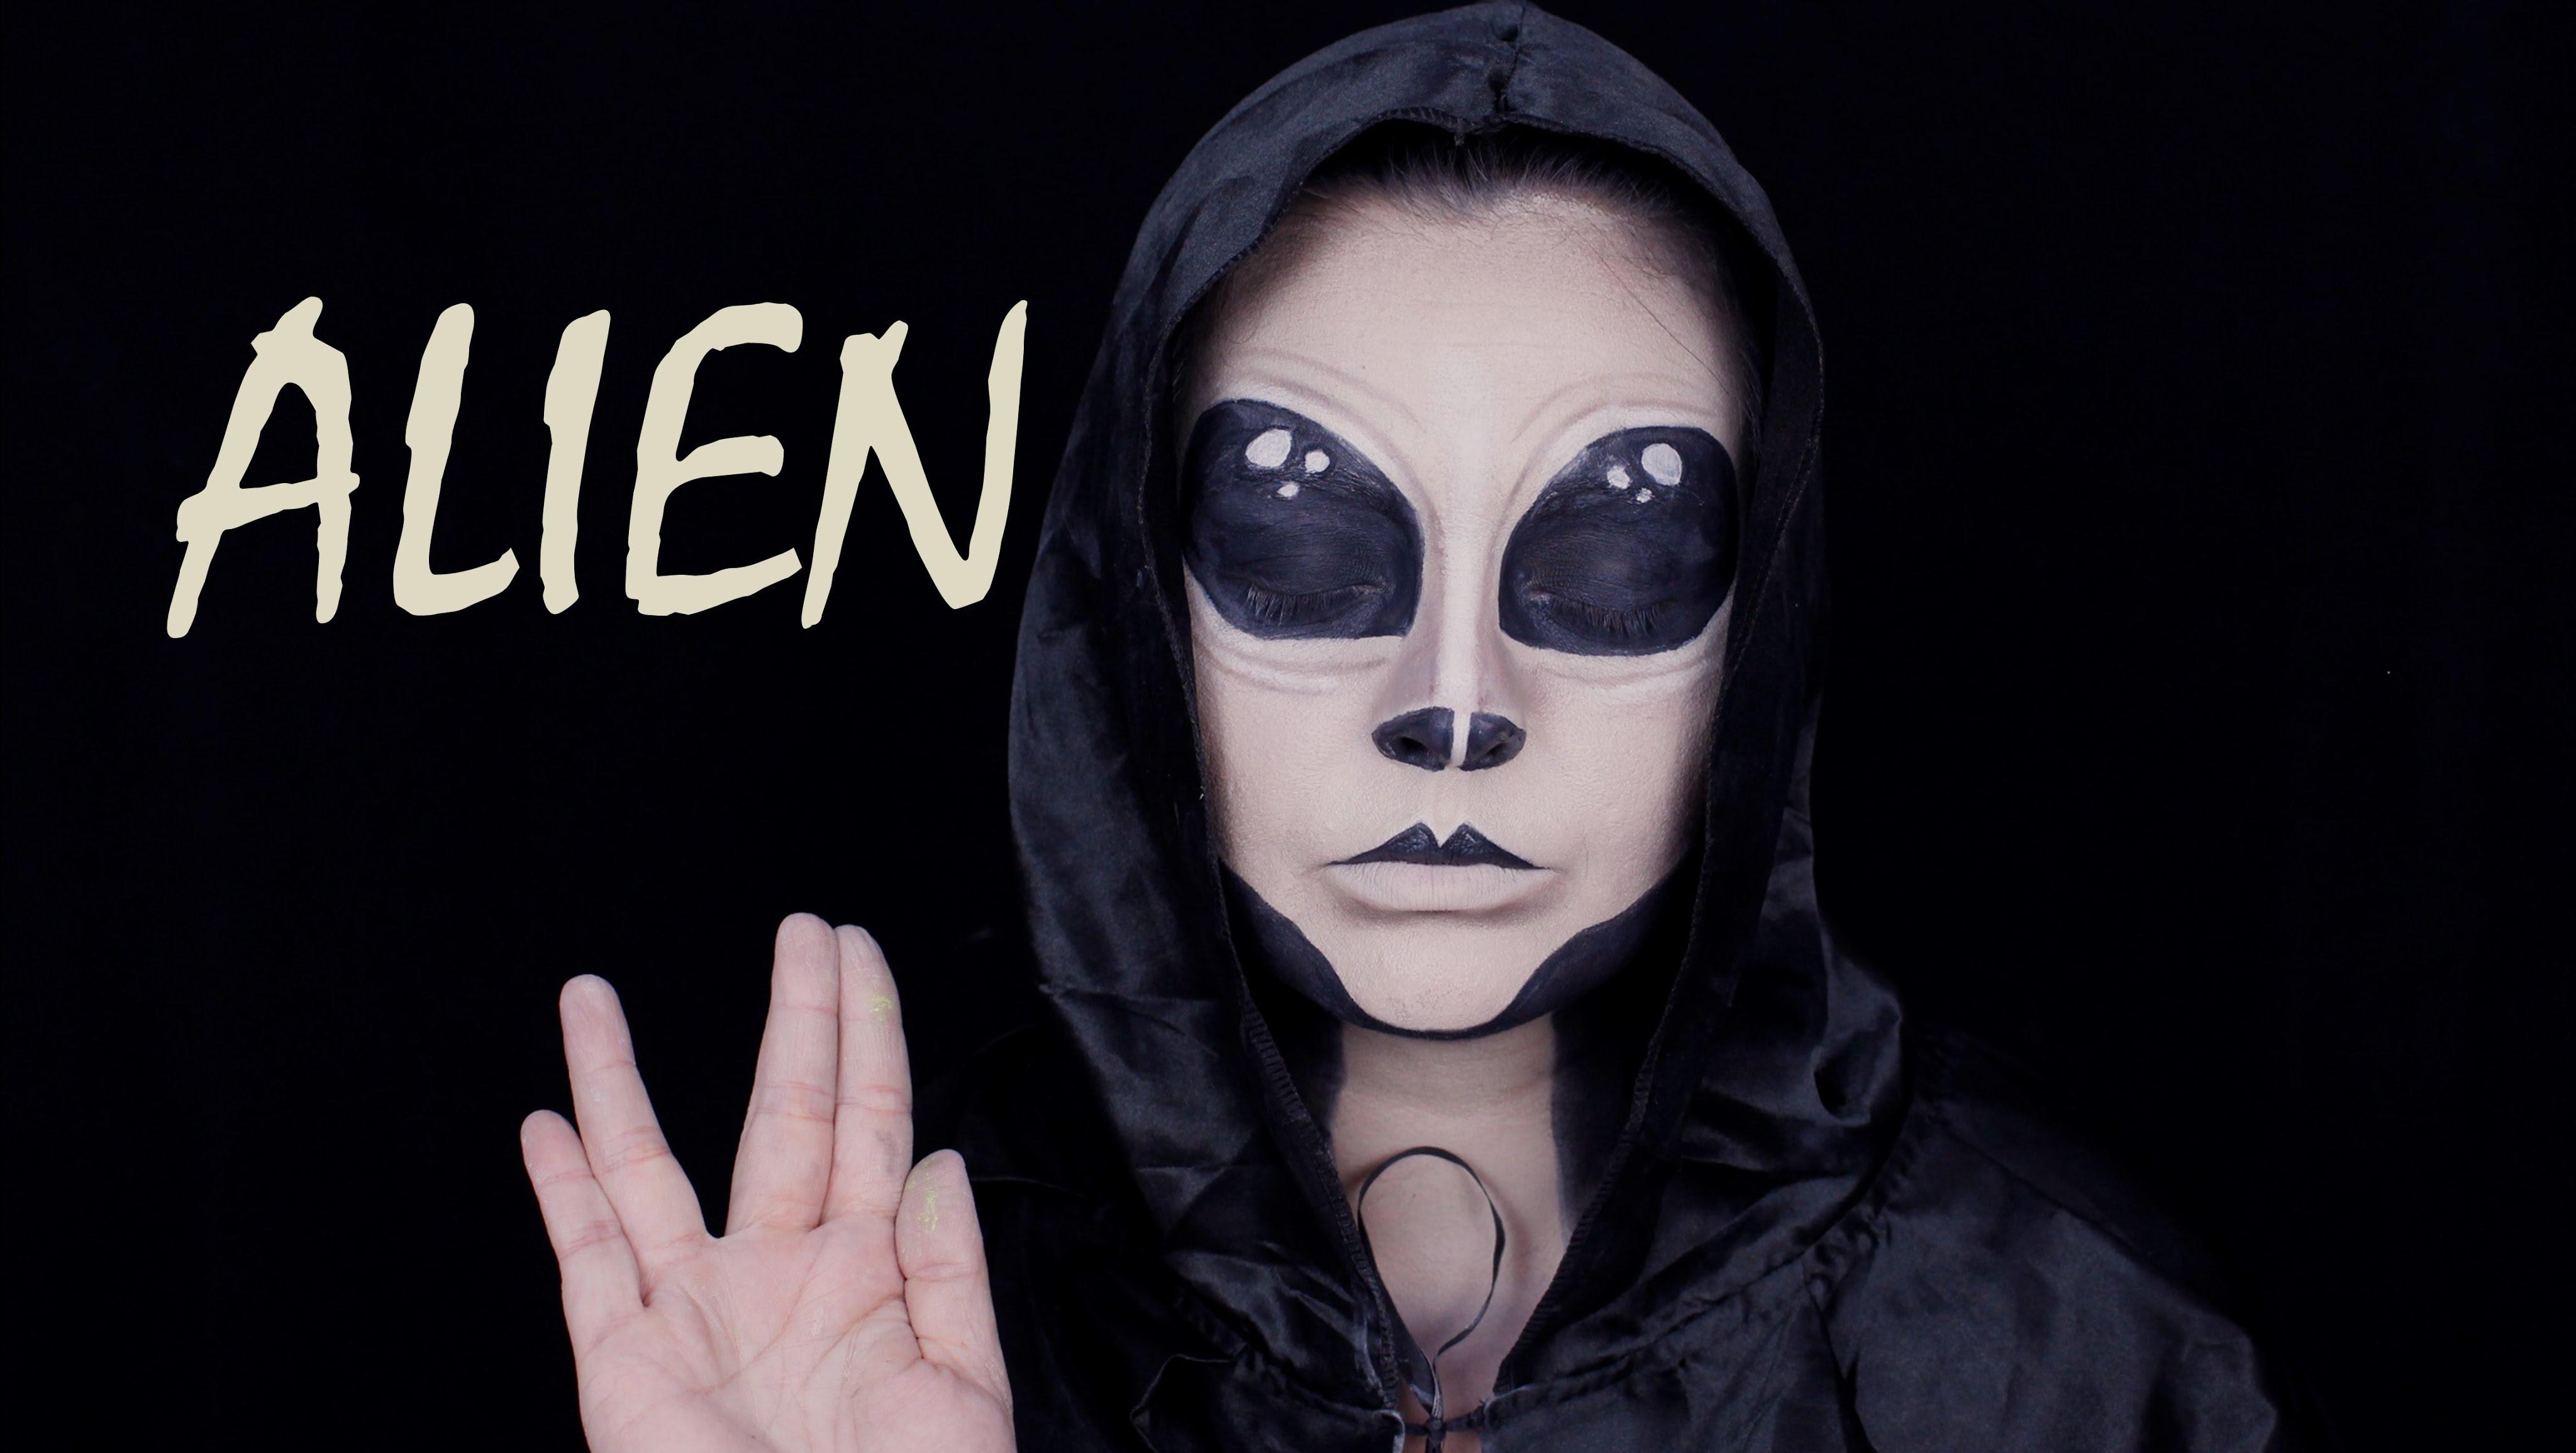 Alien Halloween Makeup Tutorial